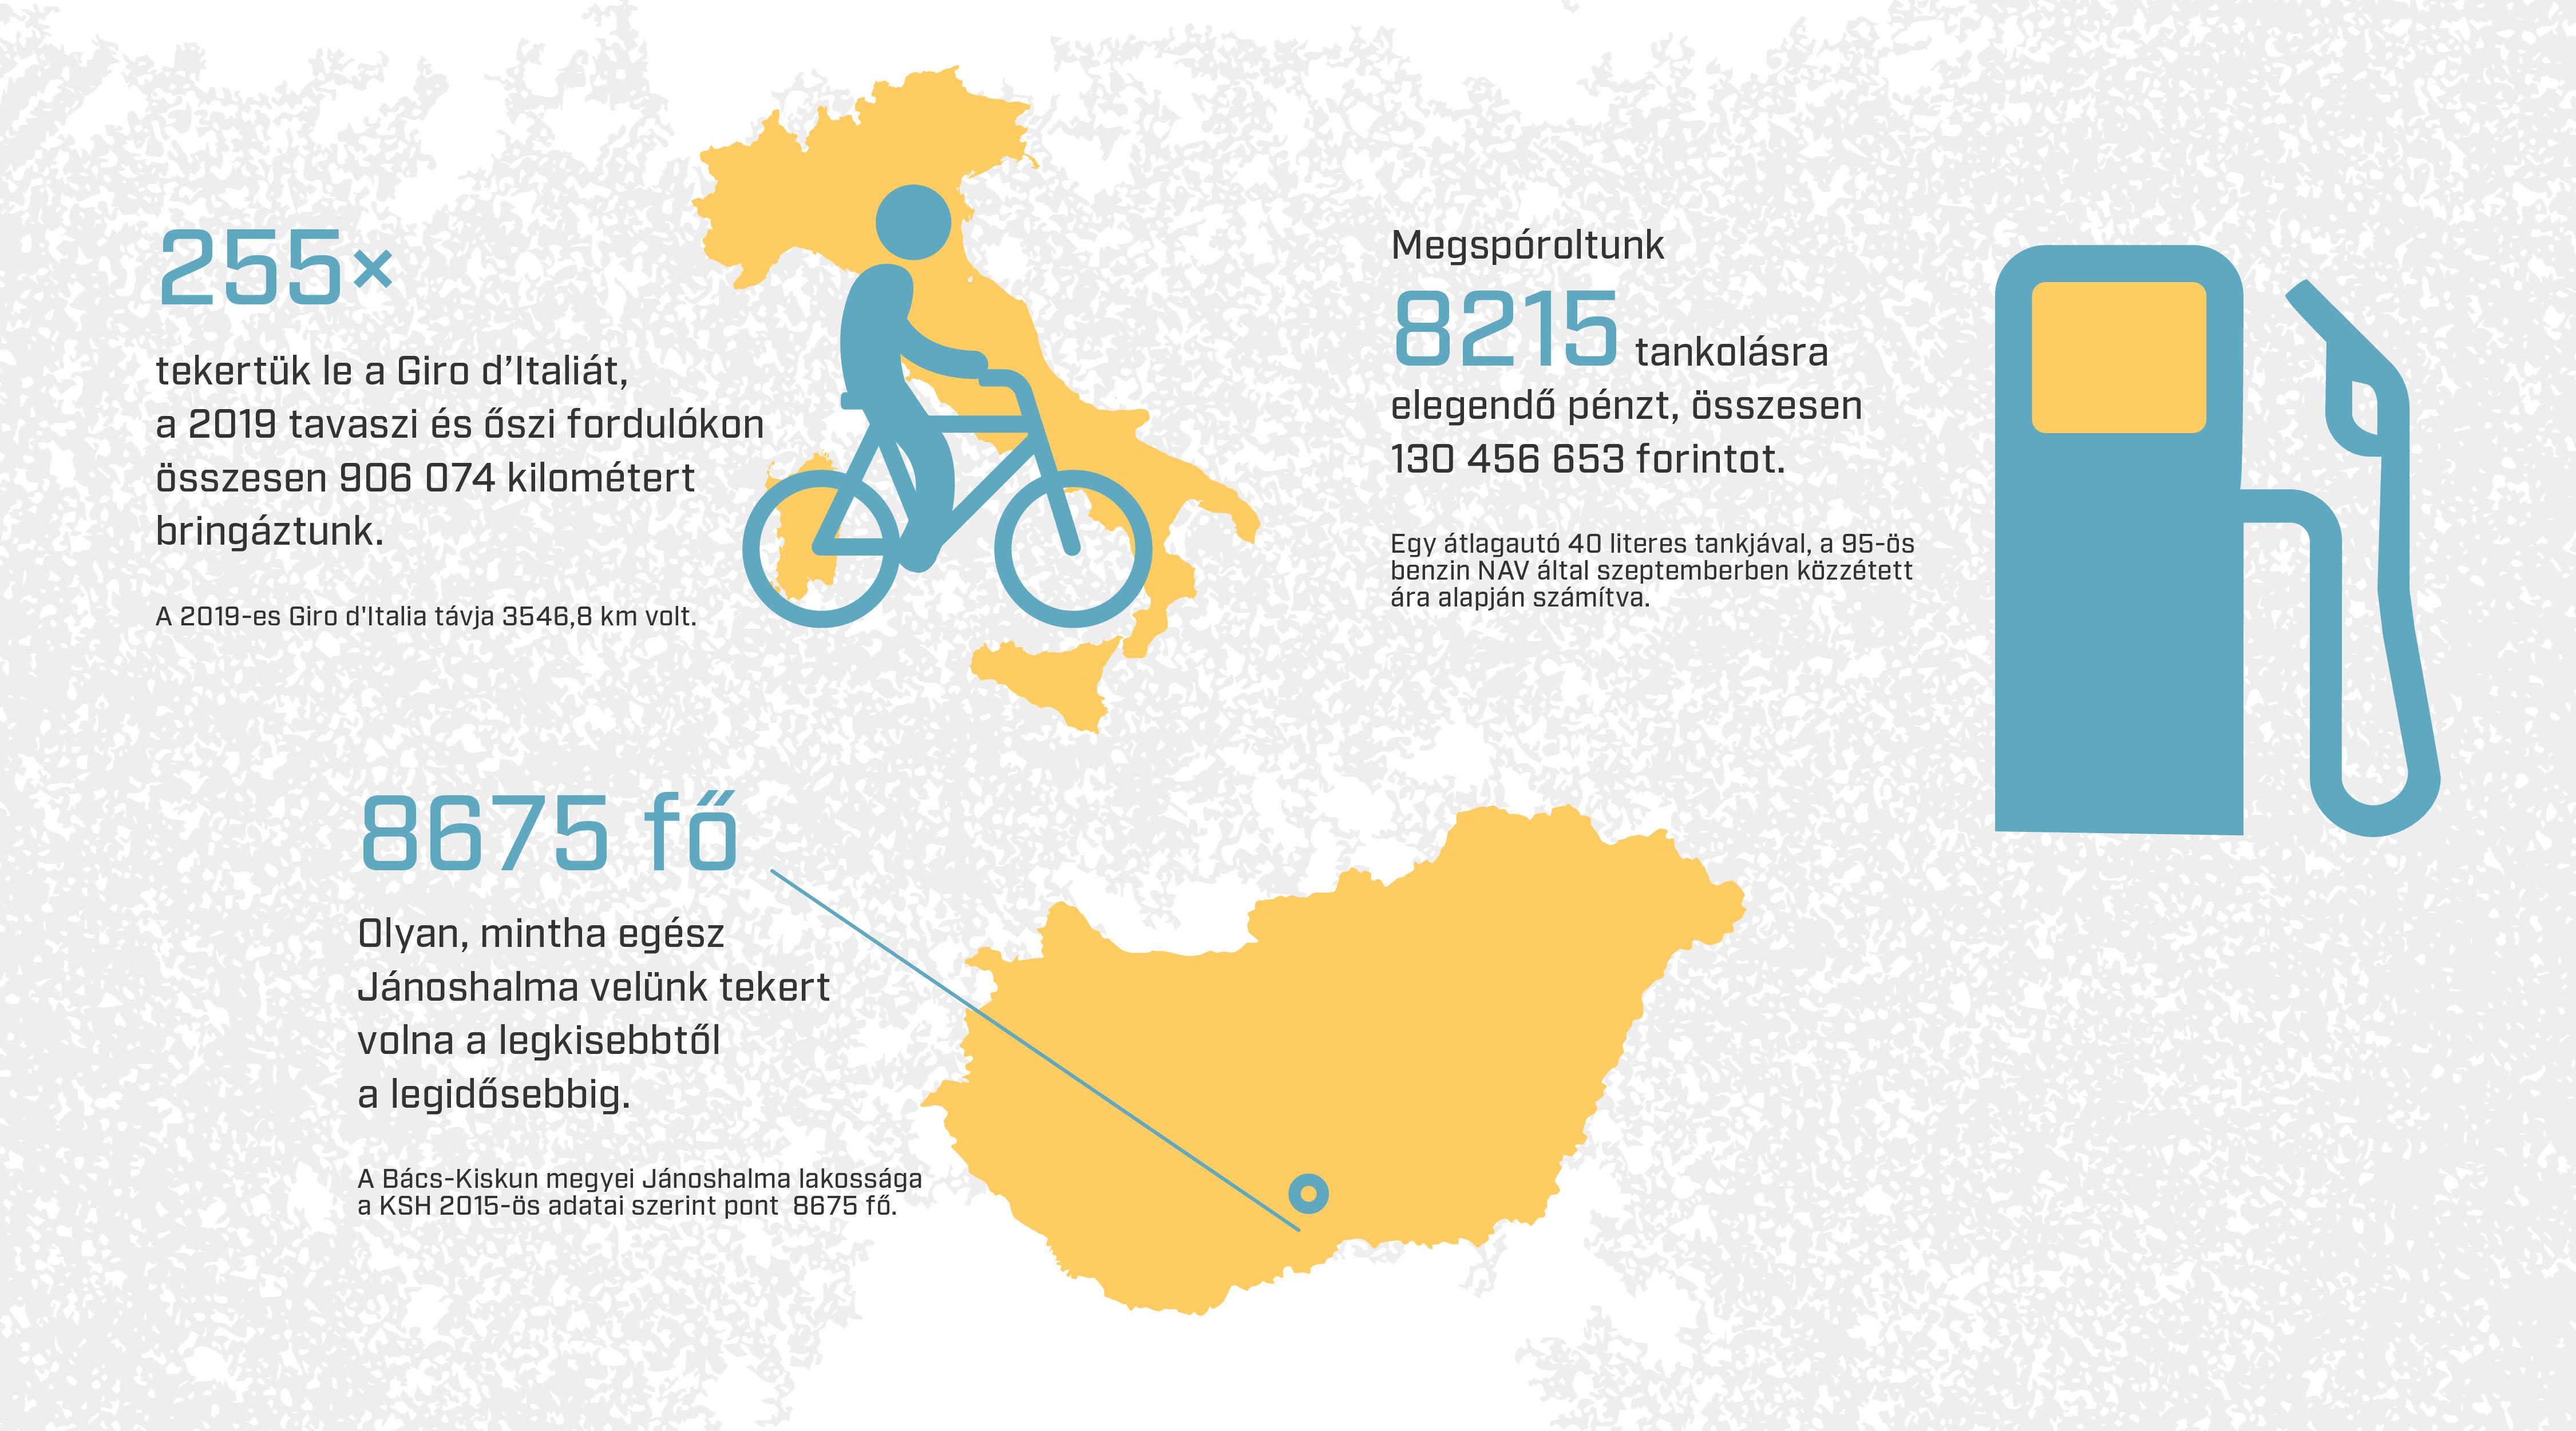 255-ször tekerték le a Giro d'Italia távját a Bringázz a Munkába kampány résztvevői 2019-ben